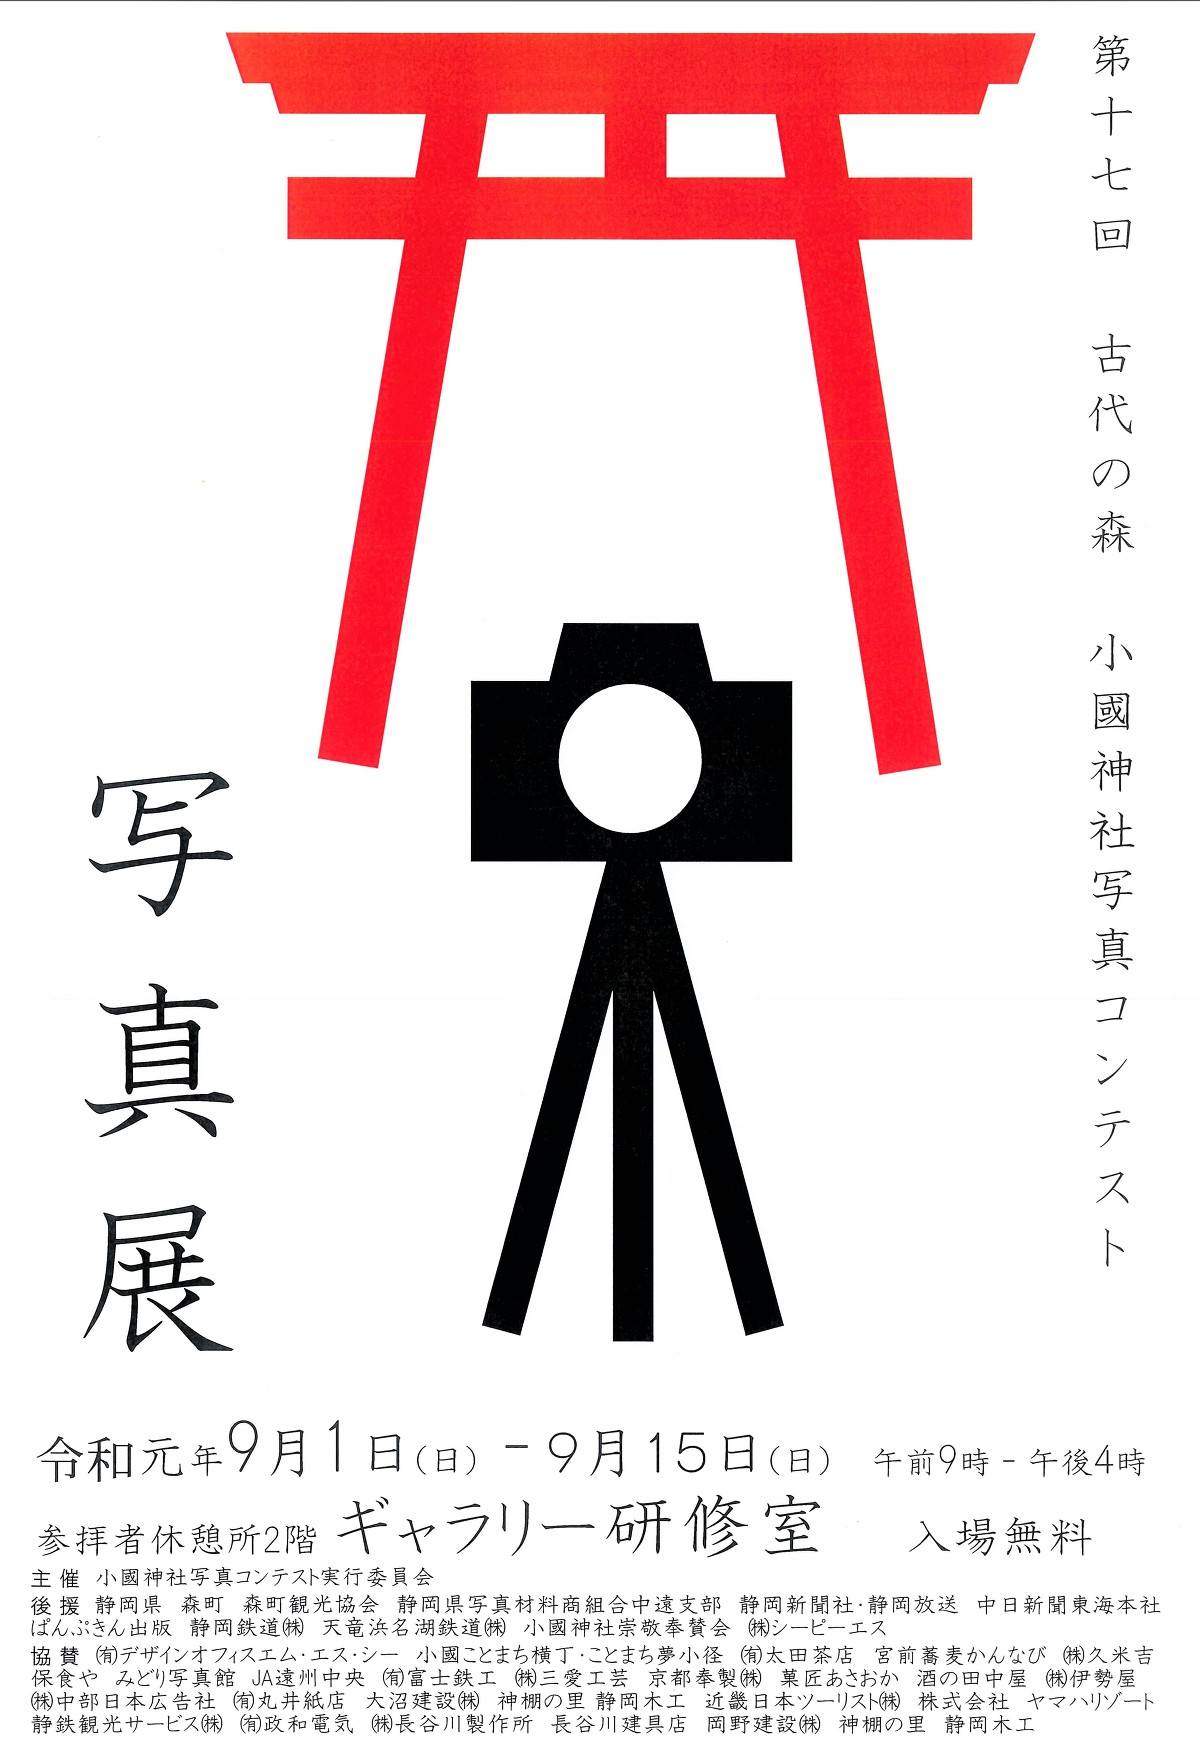 第17回古代の森 小國神社 写真コンテスト 写真展開催のお知らせ 令和元年9月1日(日)~令和元年9月15日(日)(9月3日更新:受賞作品を掲載いたしました。)